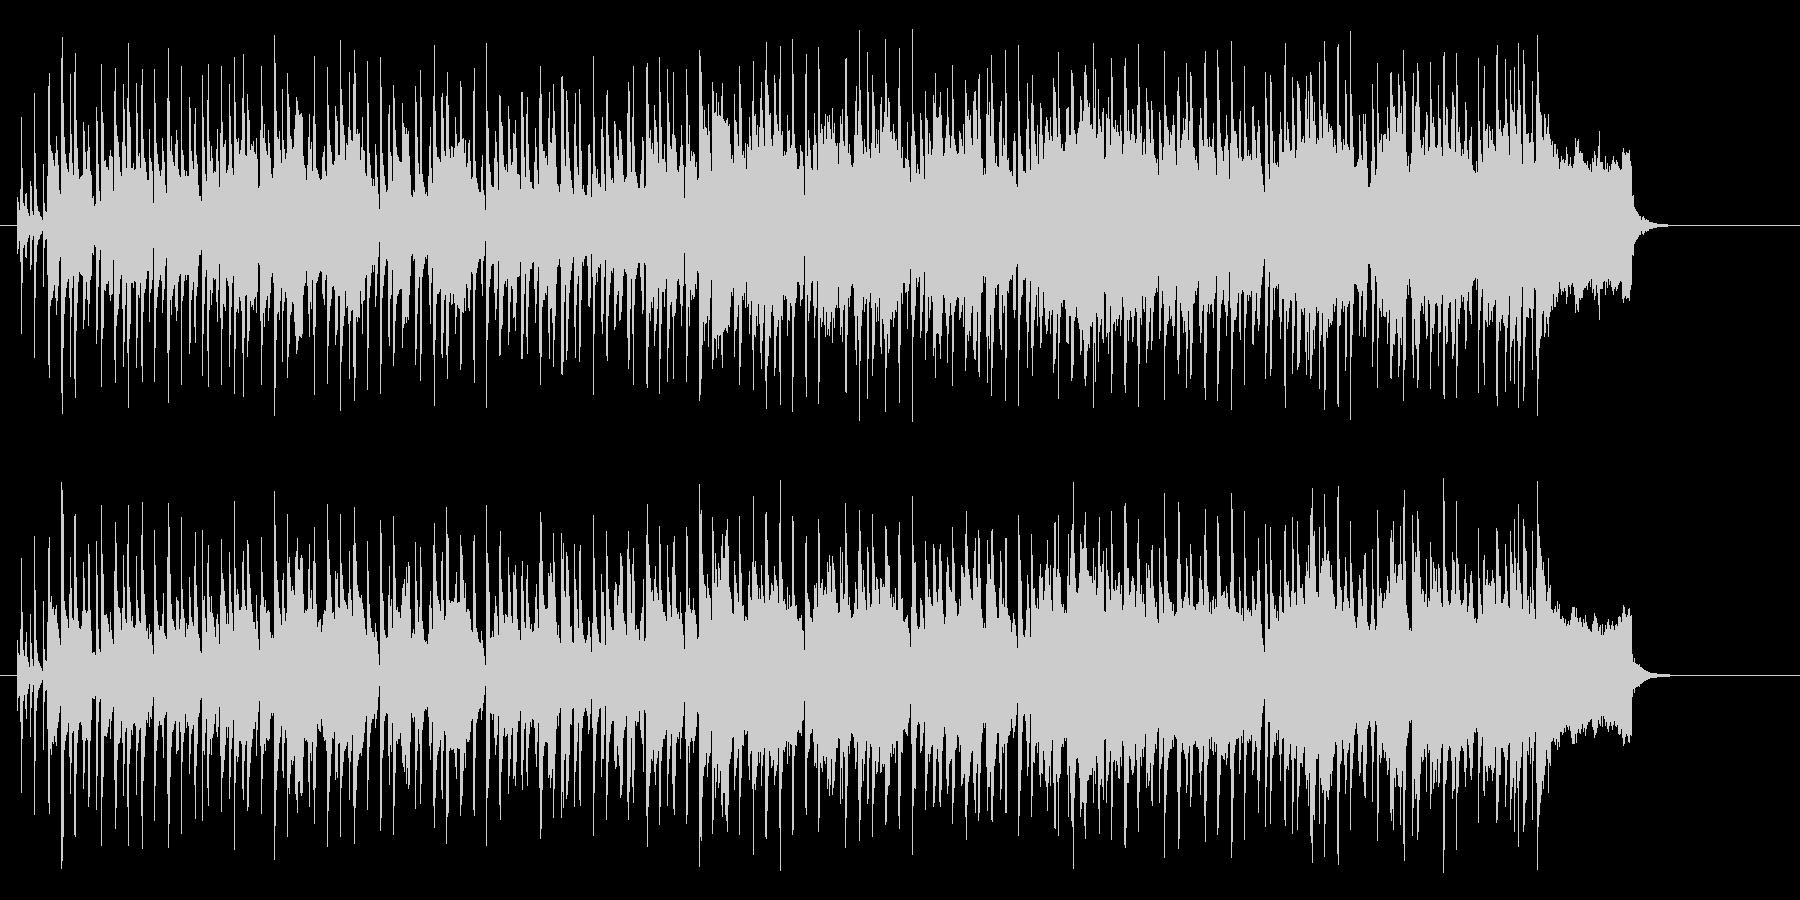 ポップ・レゲエ(明るく爽やかな感じ)の未再生の波形